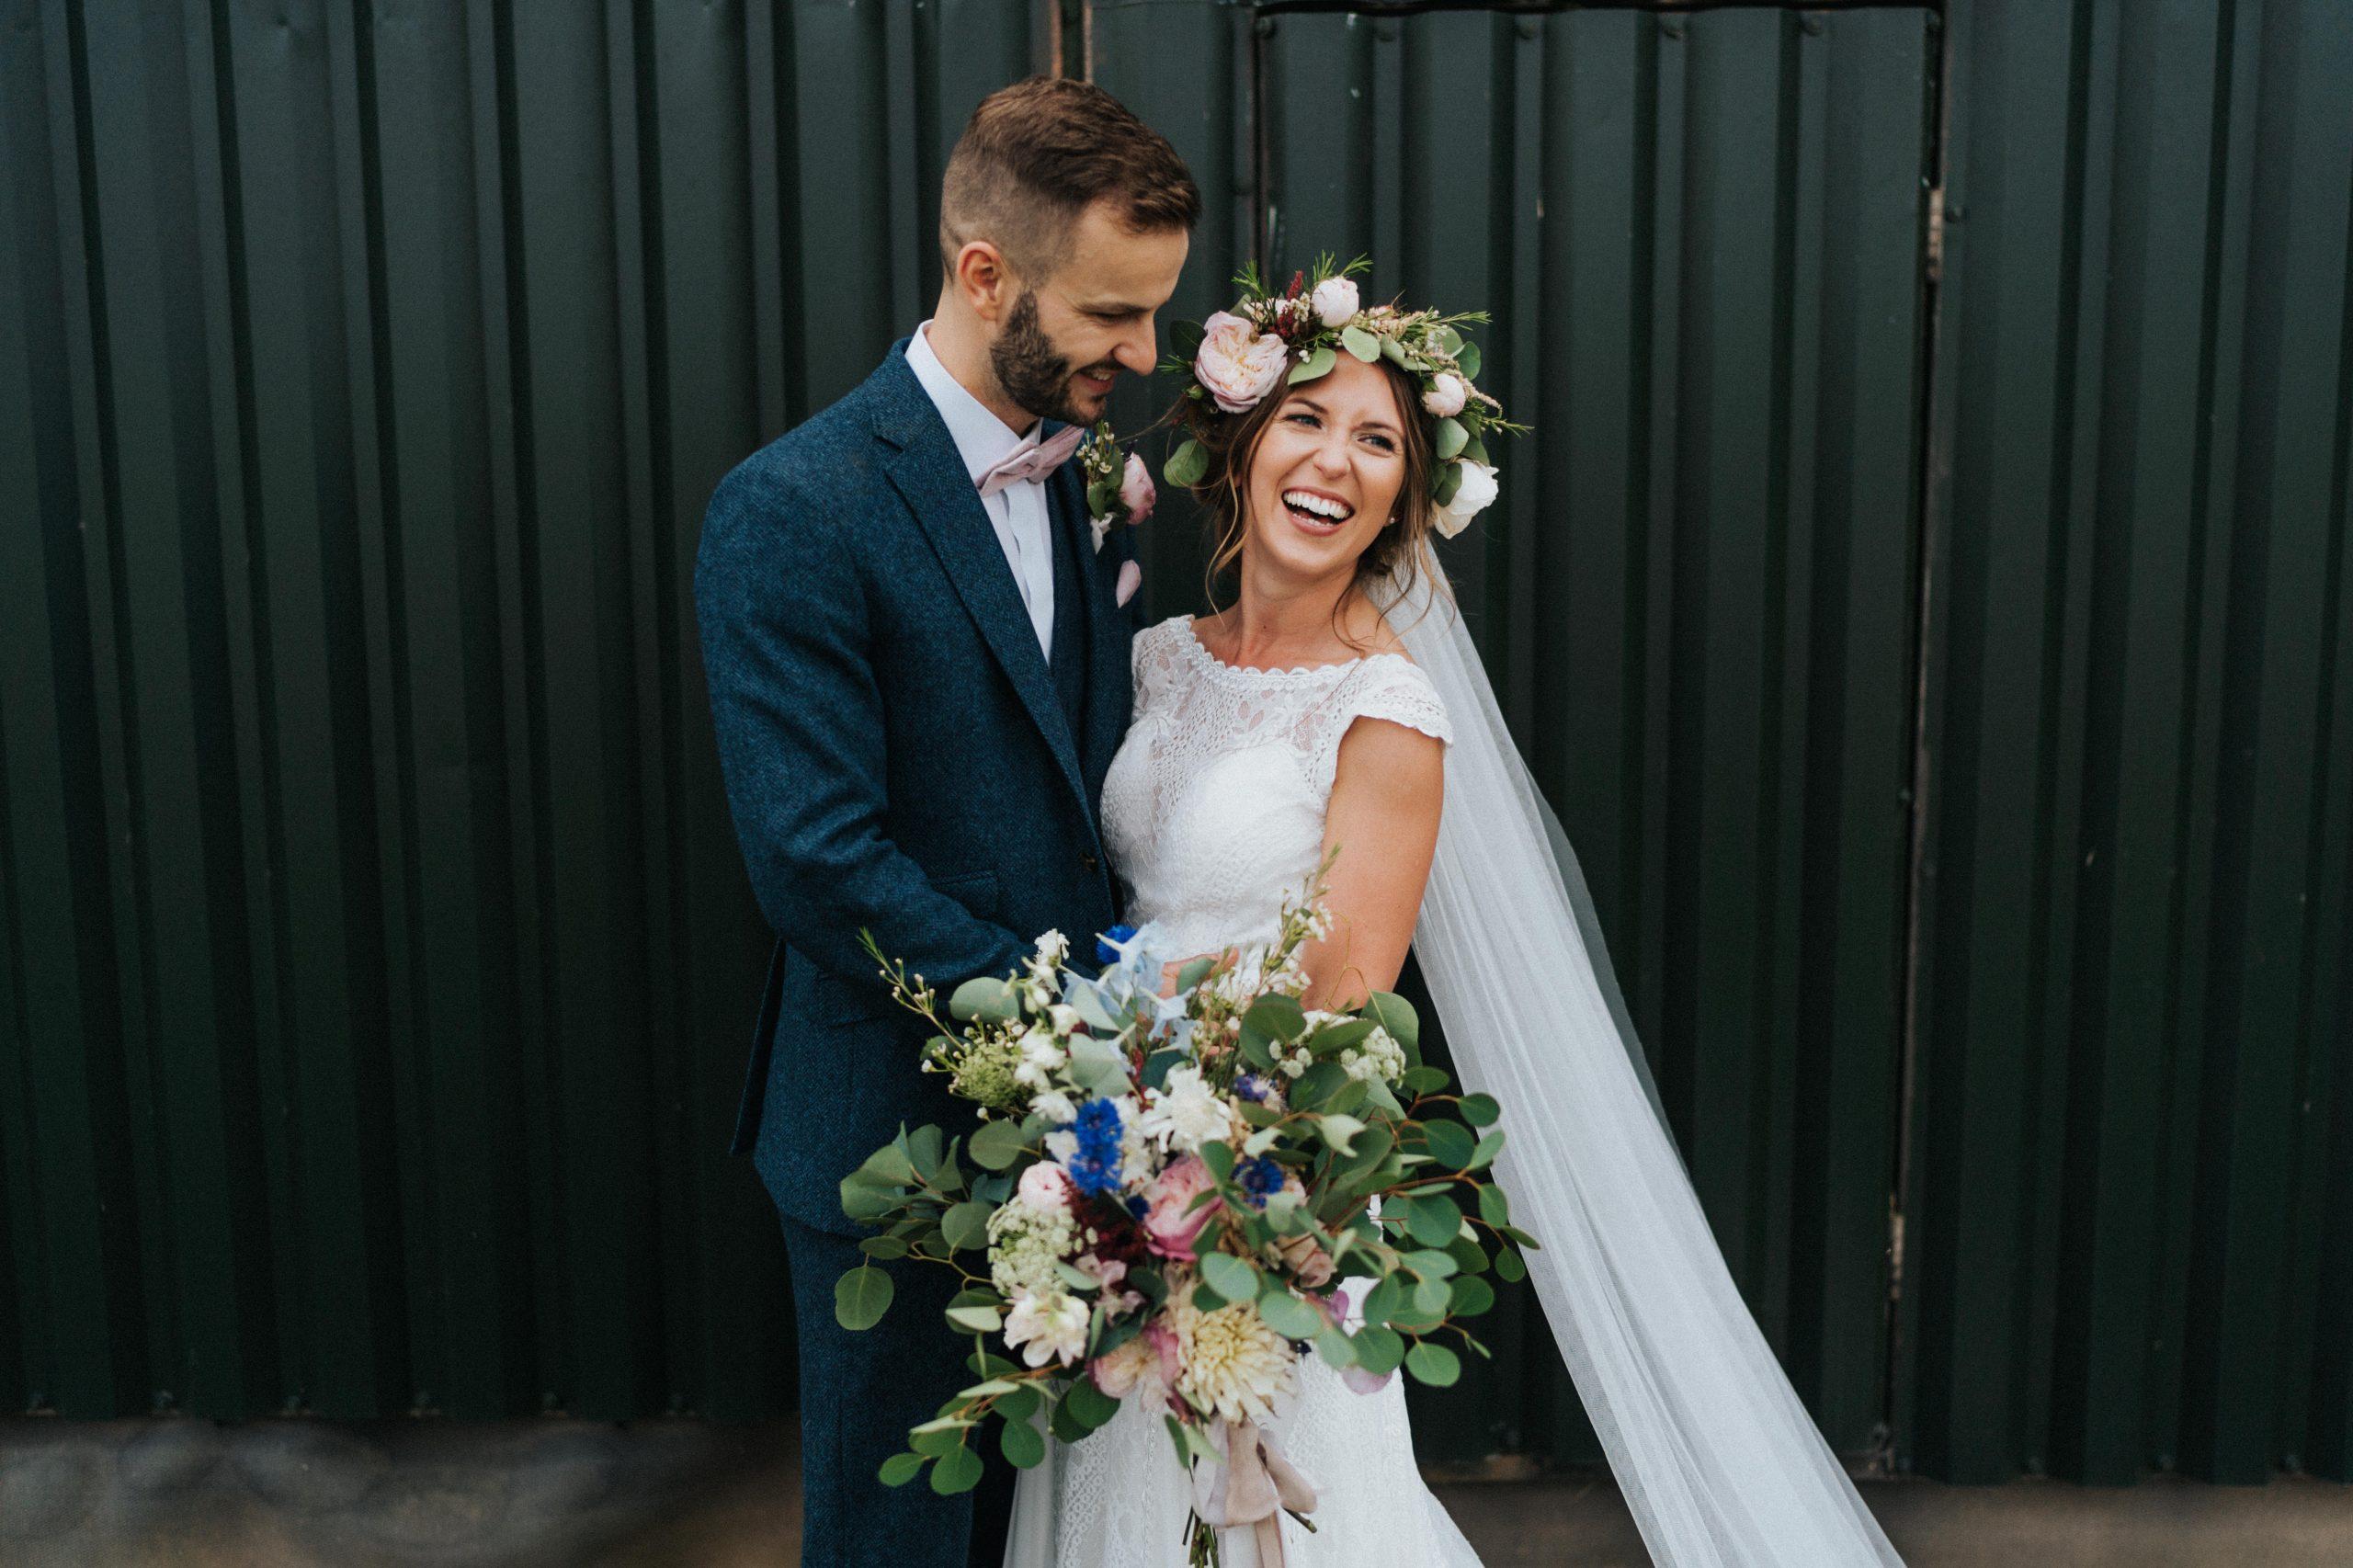 norton fields wedding